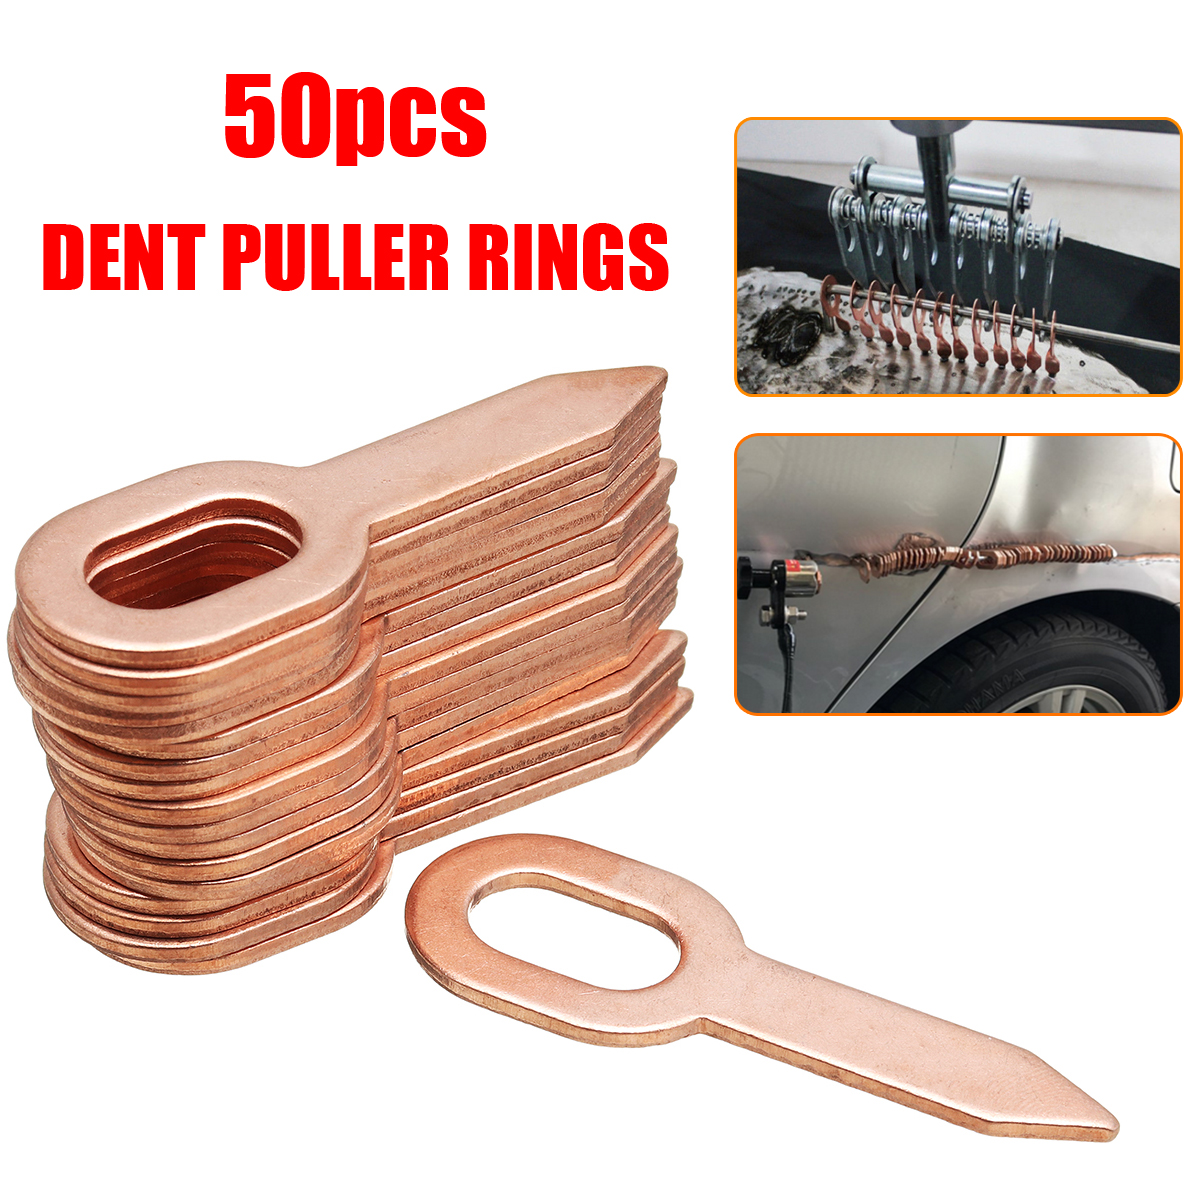 50 stücke Kupfer Überzogene Oval Dent Puller Ringe Auto Körper Paintless Lifter Puller kit Dent Entfernung Reparatur Werkzeug Auto Zubehör